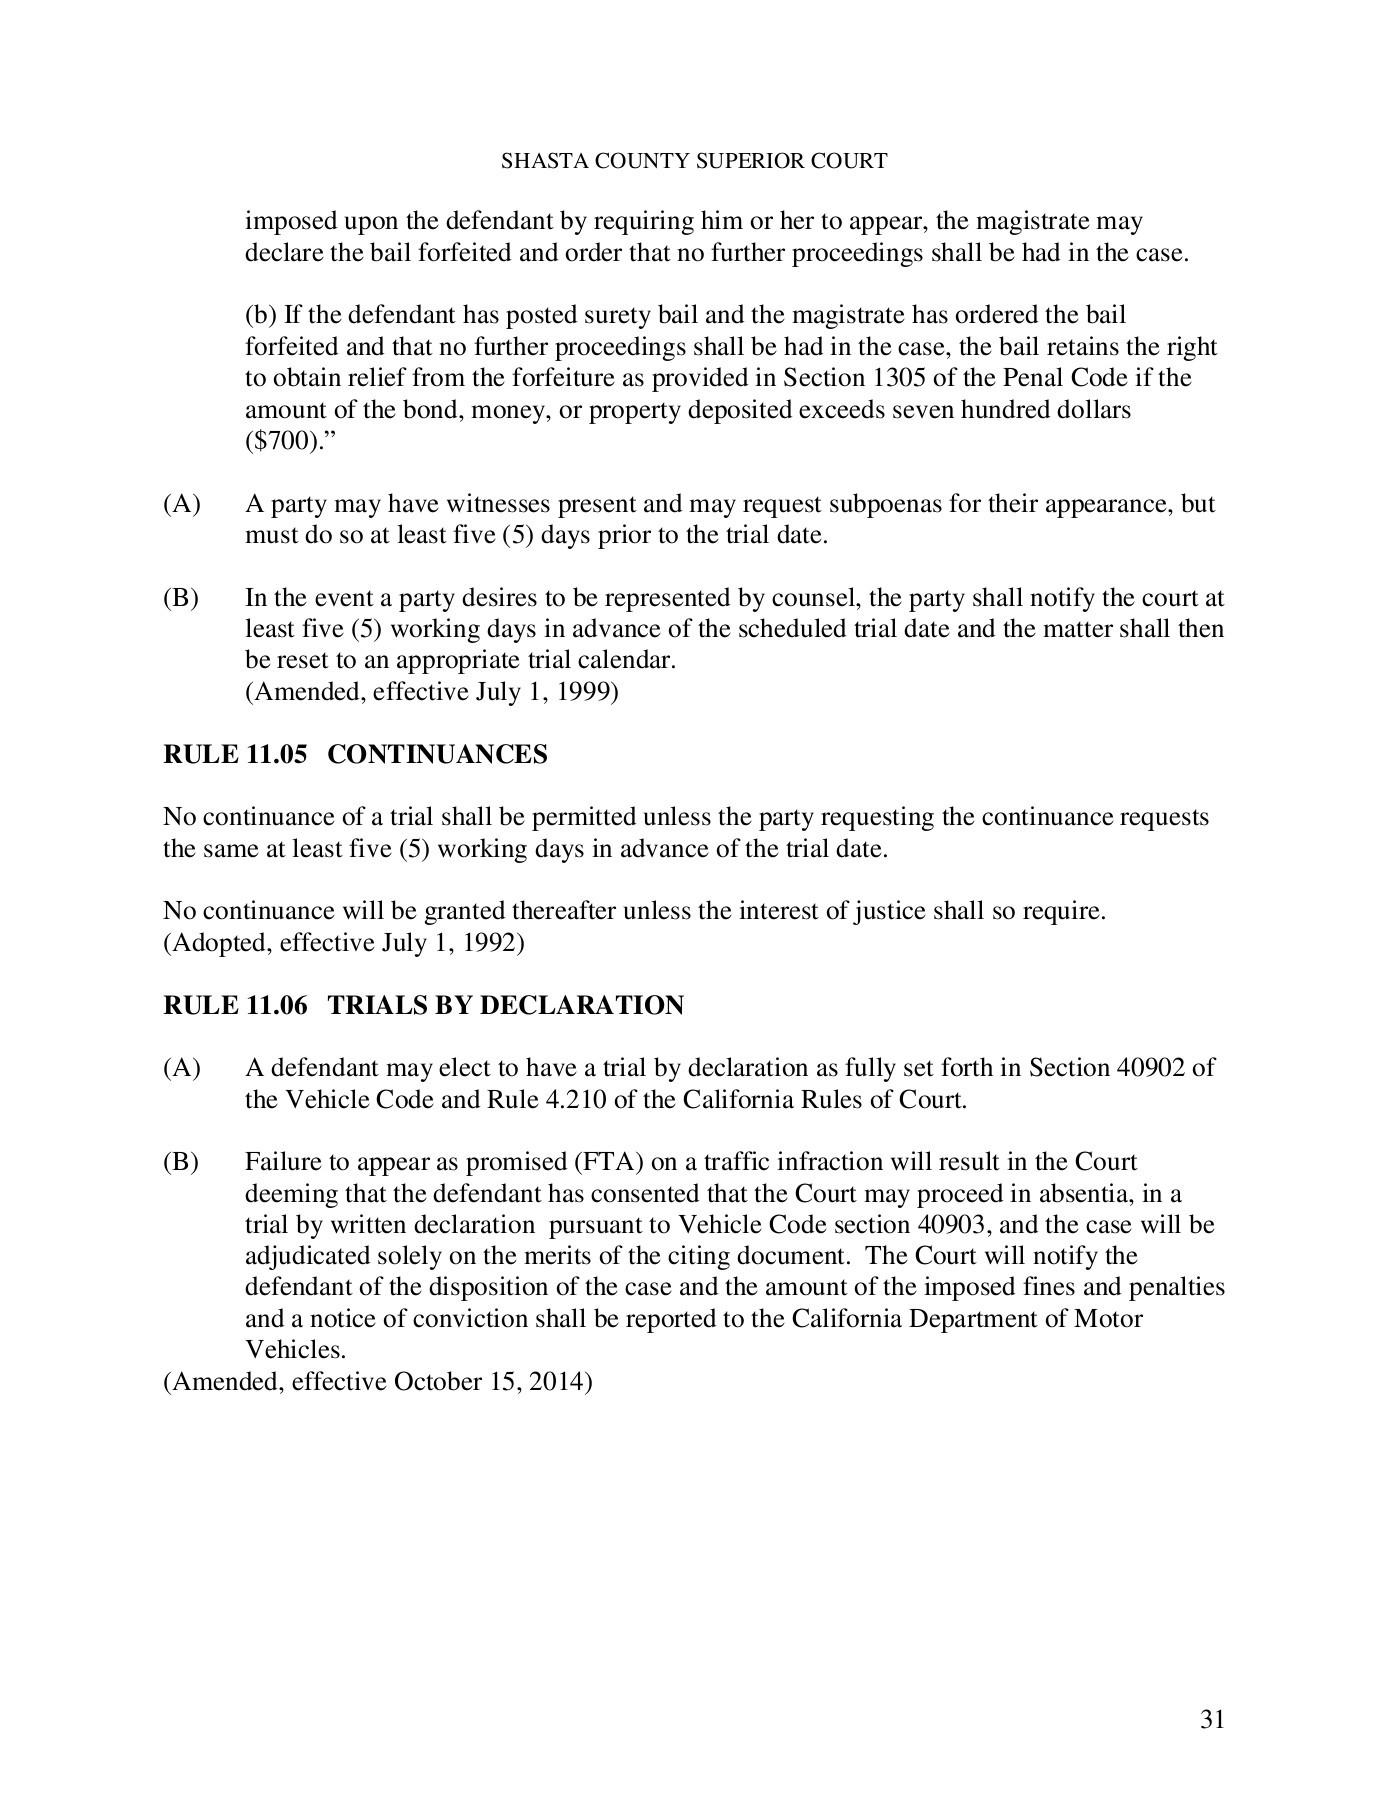 Local Rules - Superior Court Of California - County Of With Shasta County Superior Court Calander